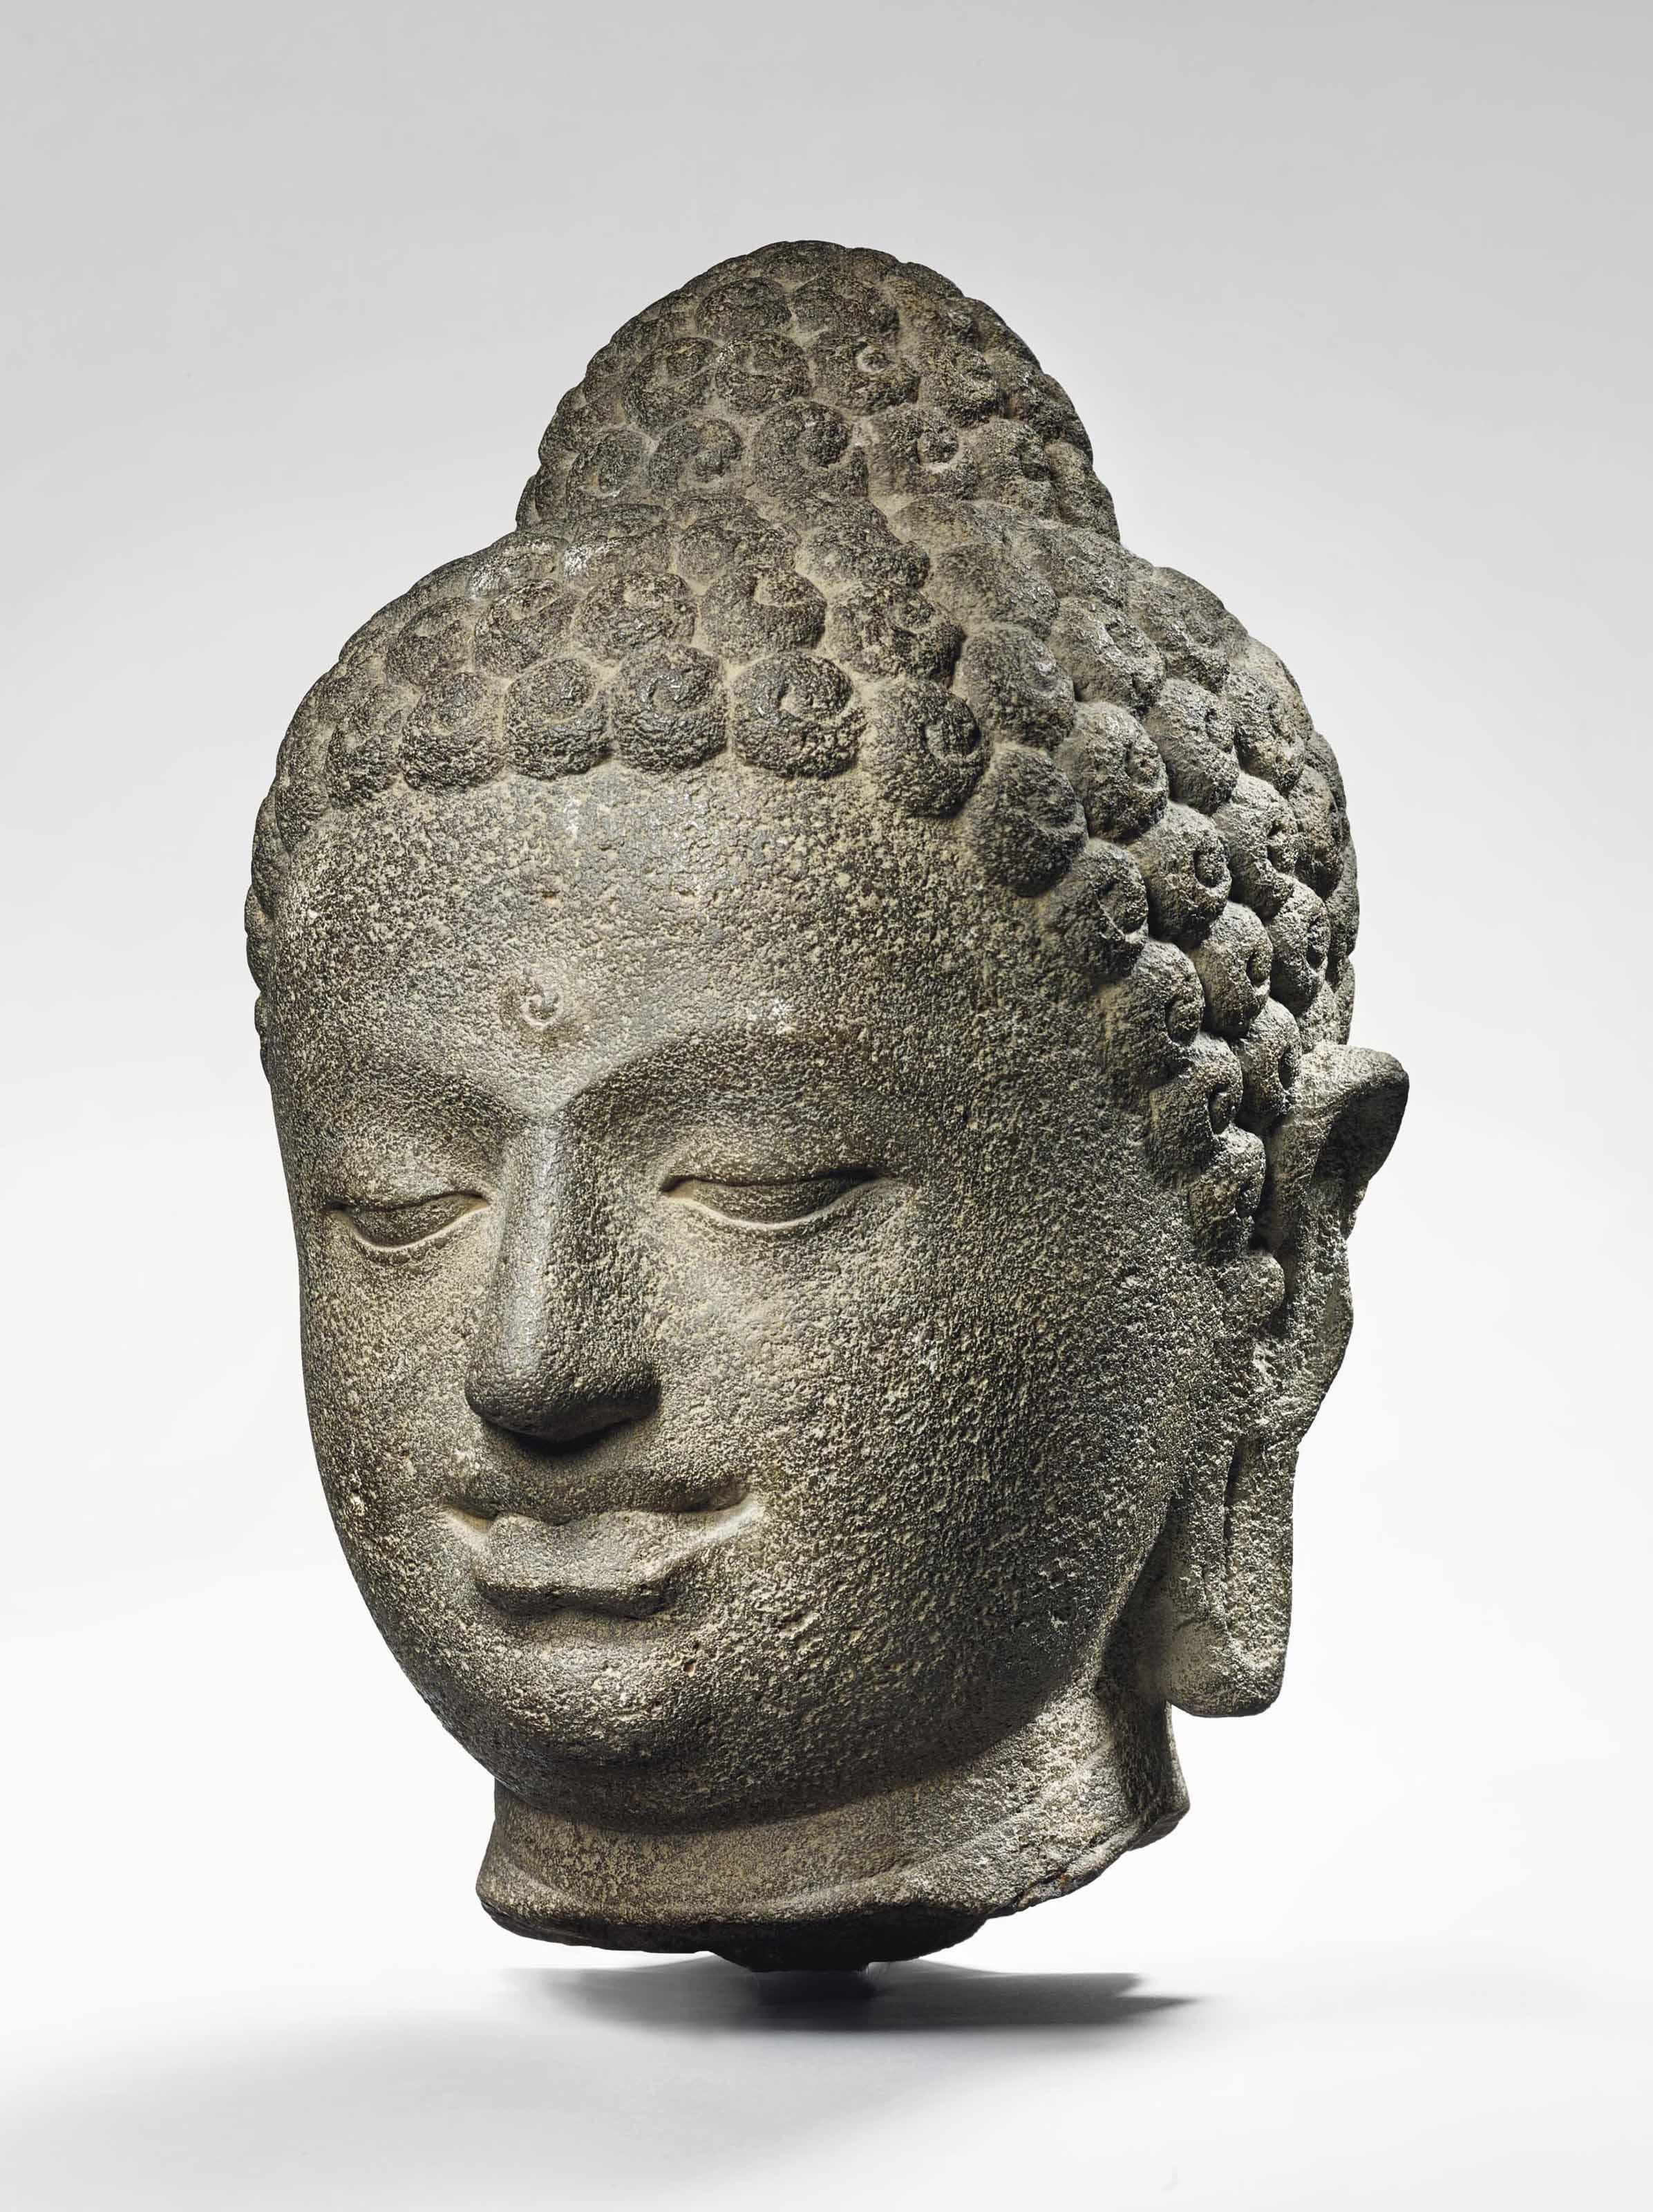 rare tete de bouddha shakyamuni en pierre volcanique indonesie java central ixeme siecle. Black Bedroom Furniture Sets. Home Design Ideas